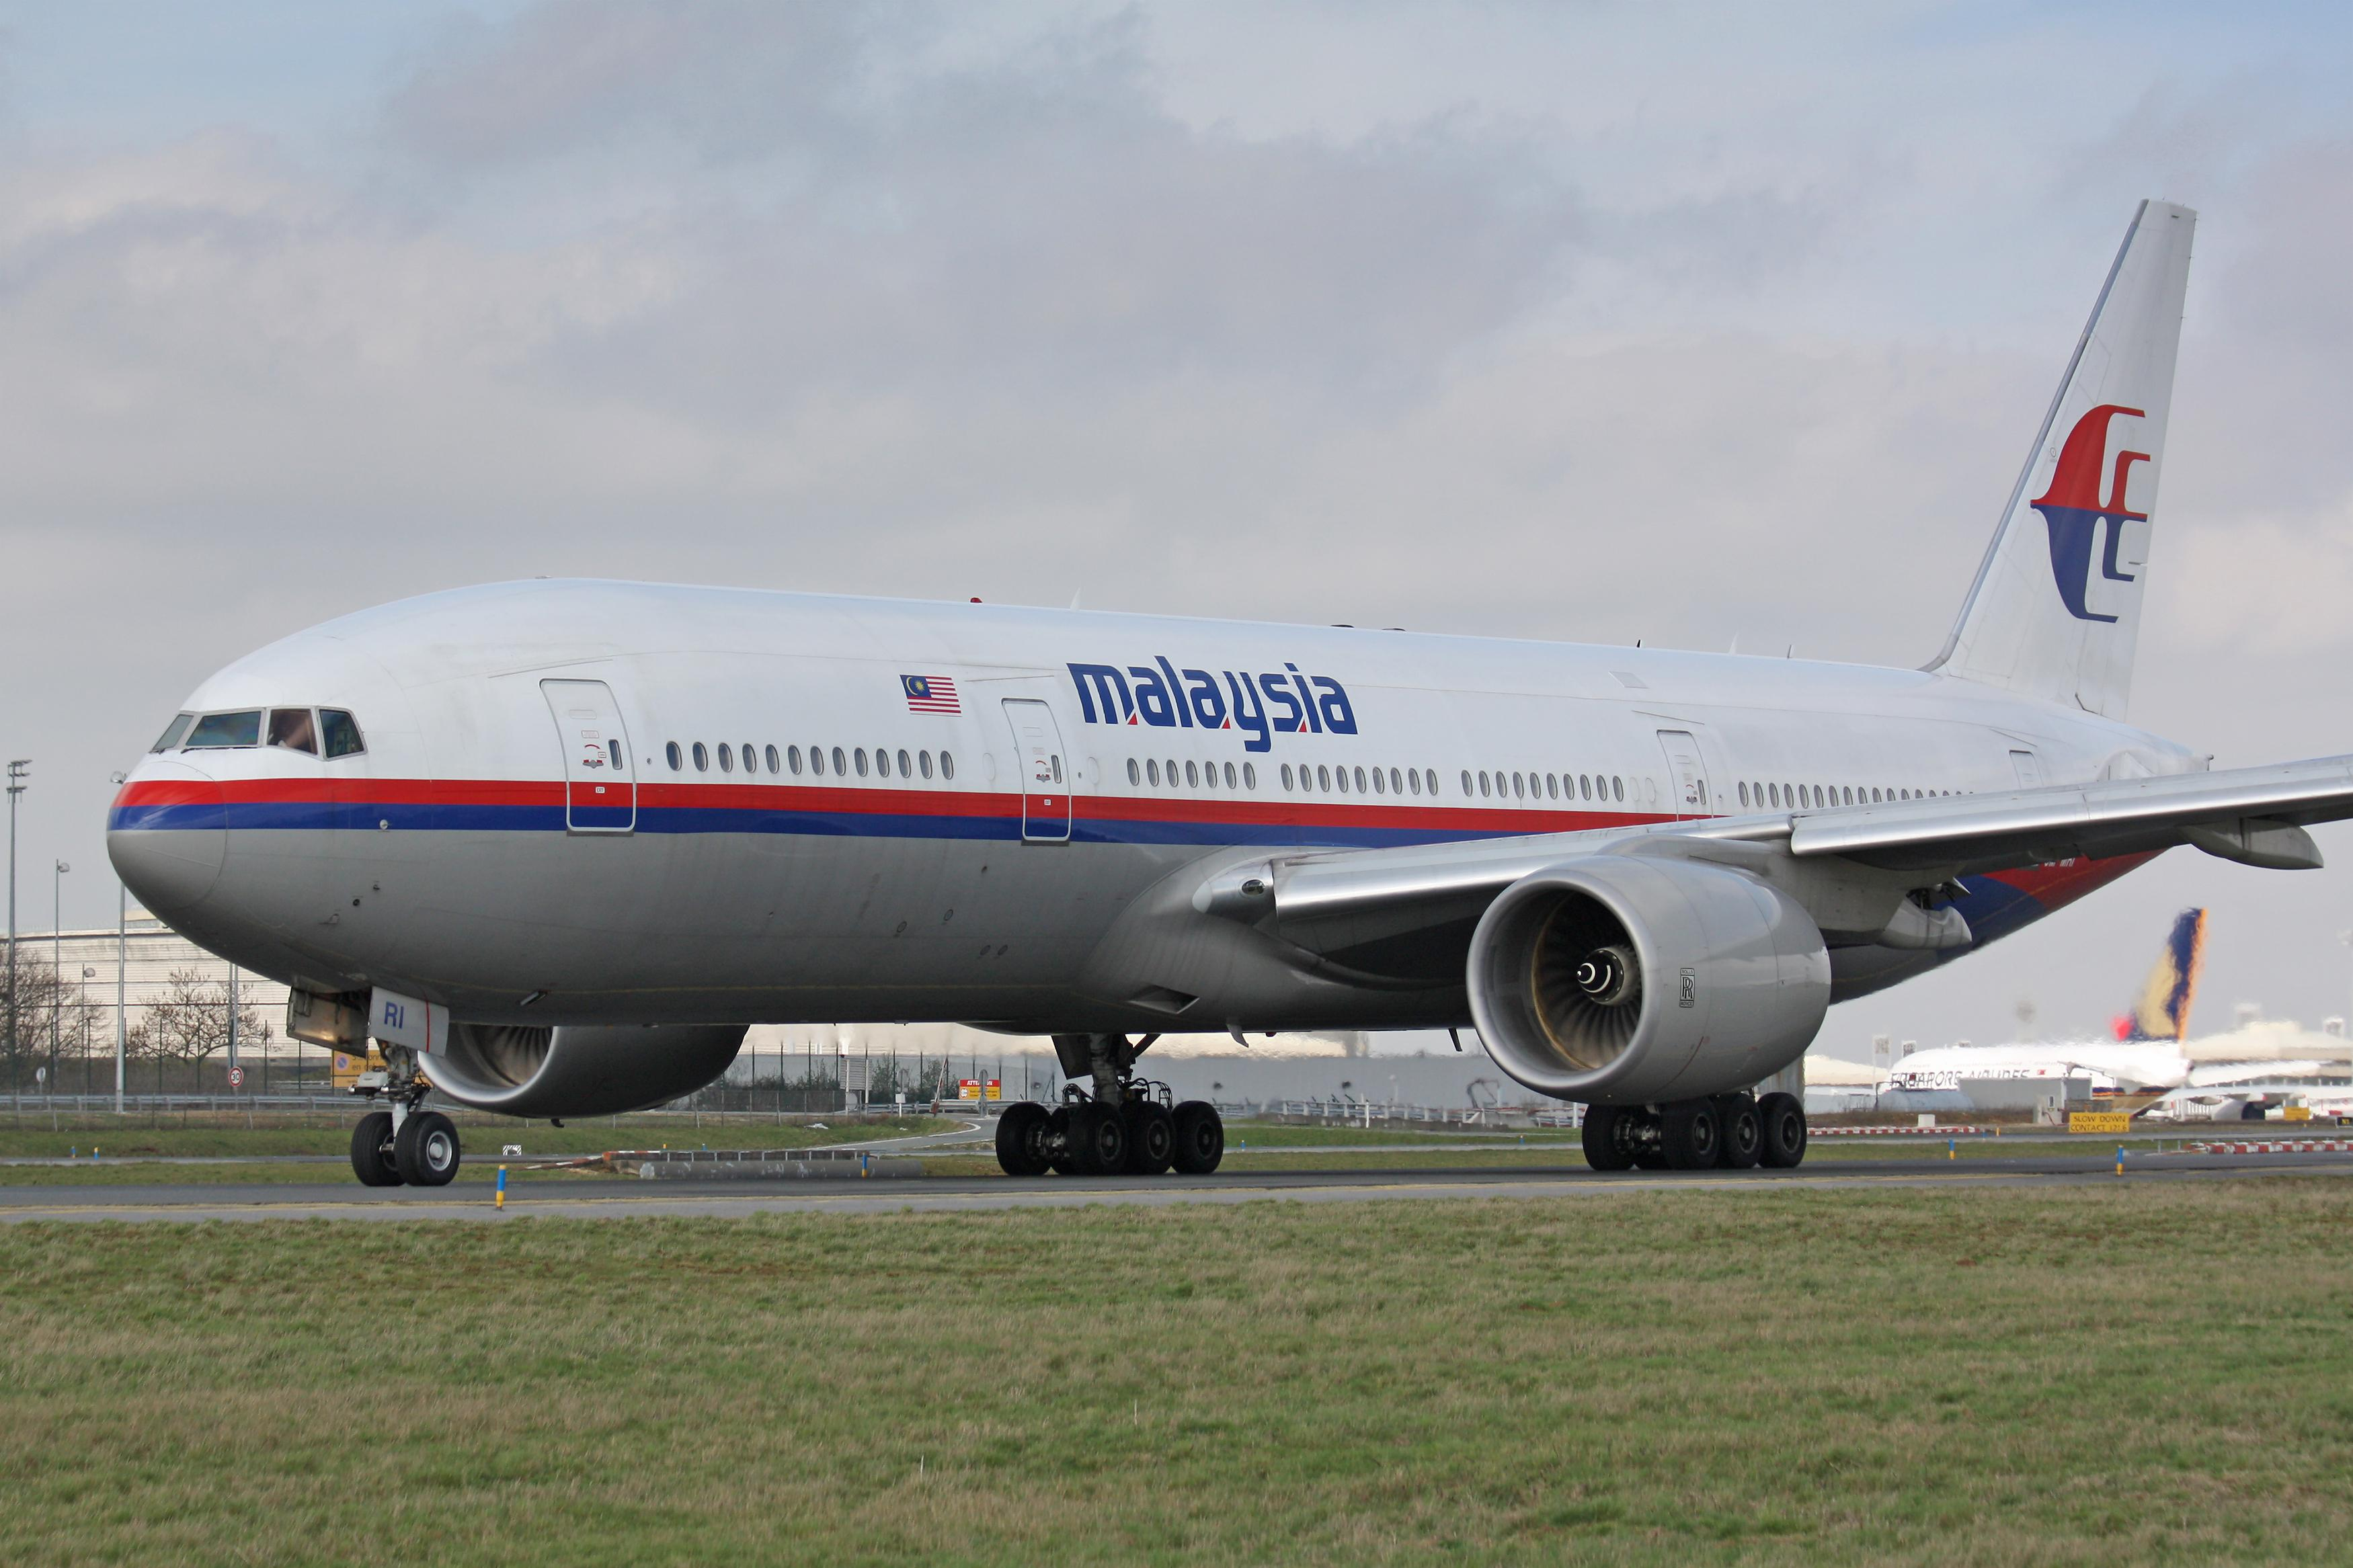 Boeing 777 regnes som en av verdens tryggeste flytyper.Foto: Lukas Rebec / Shutterstock.com